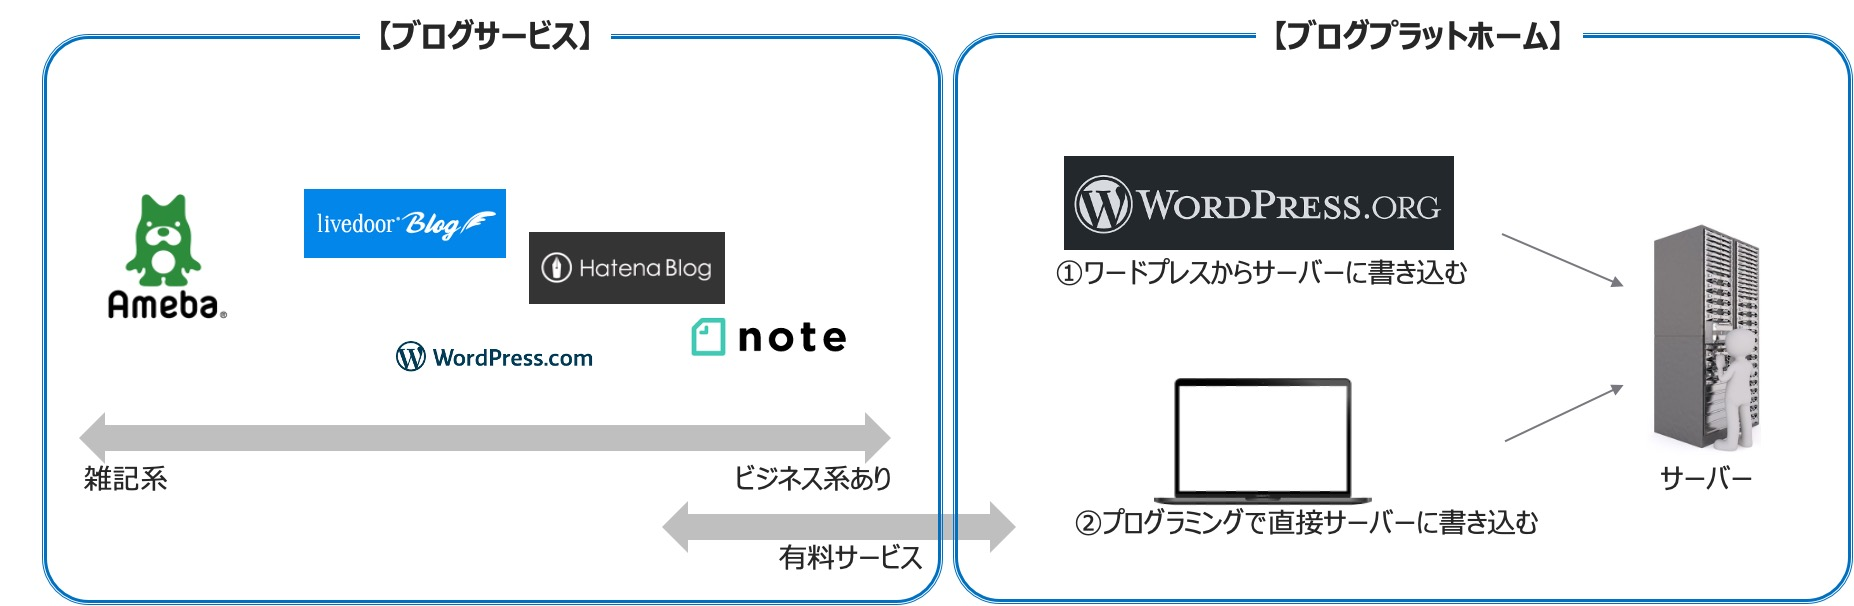 それぞれのブログの違いと特徴